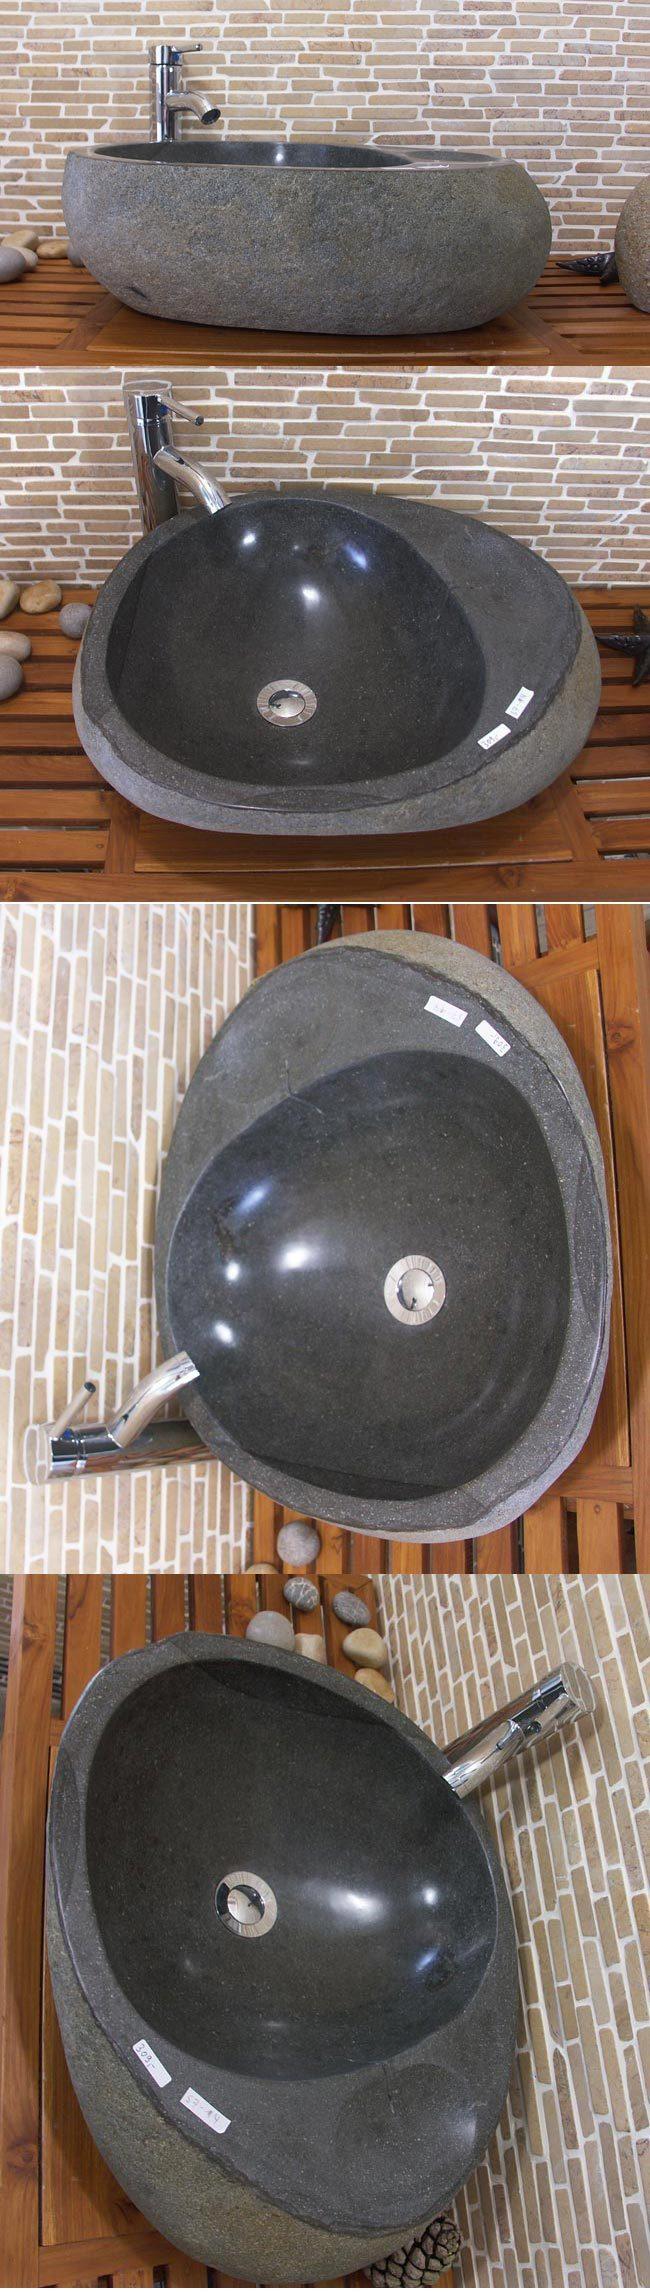 waschbecken aus flussstein bafs7 m4 ein unikat f r ihr bad. Black Bedroom Furniture Sets. Home Design Ideas